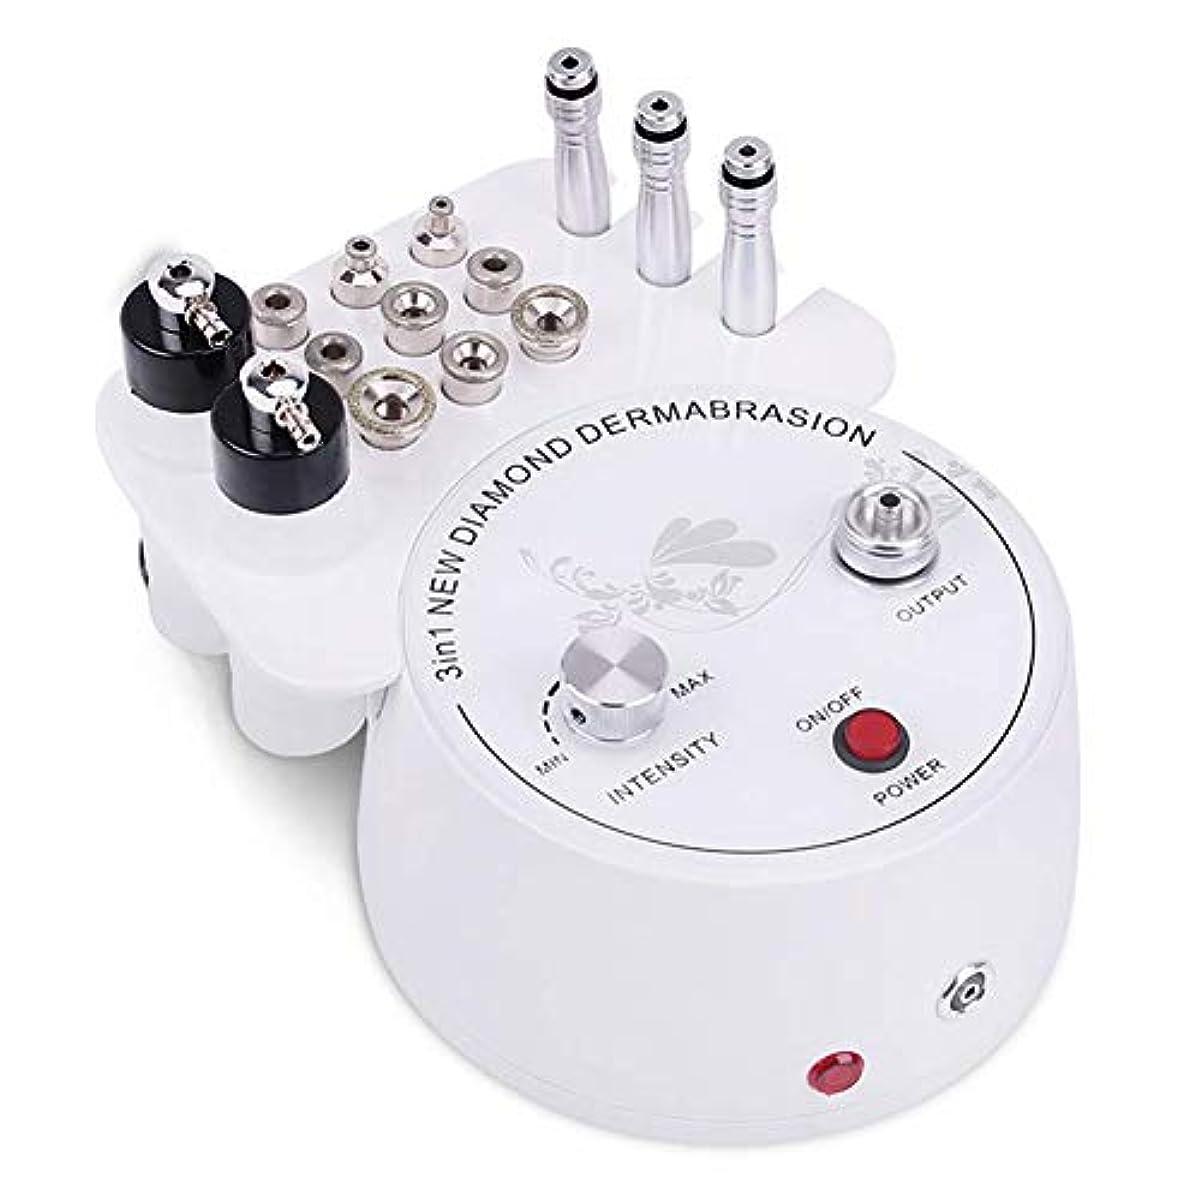 死韓国かすれた3 in 1 ダイヤモンドマイクロダーマブレーションダーマブレーションマシン、 プロ 皮膚剥離 ダイアモンドビューティーマシン、スキンピーリングリジュビネーションリフティングタイトニング